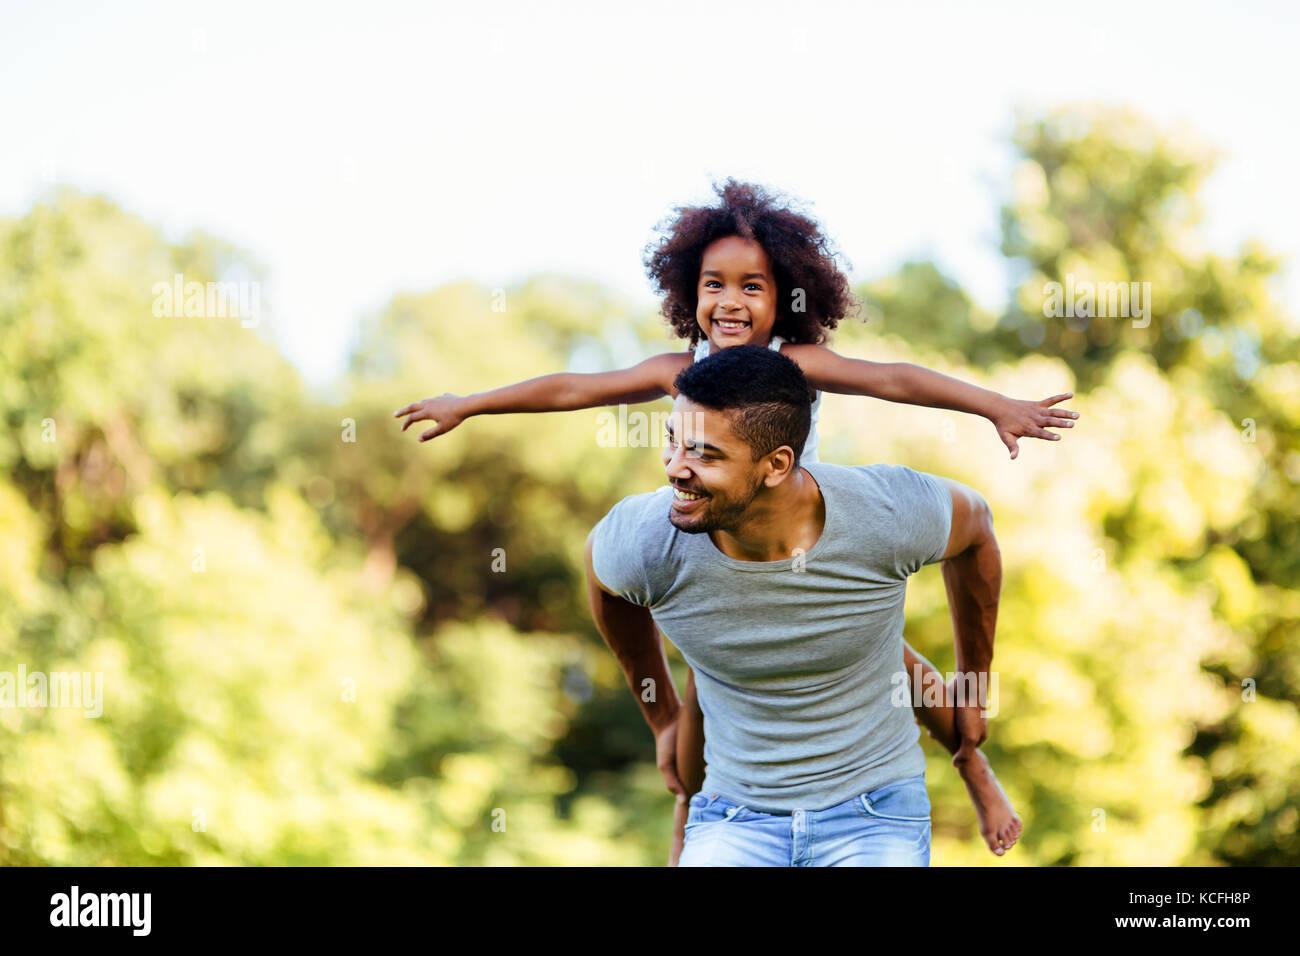 Portrait de jeune fille portant son père sur son dos Photo Stock